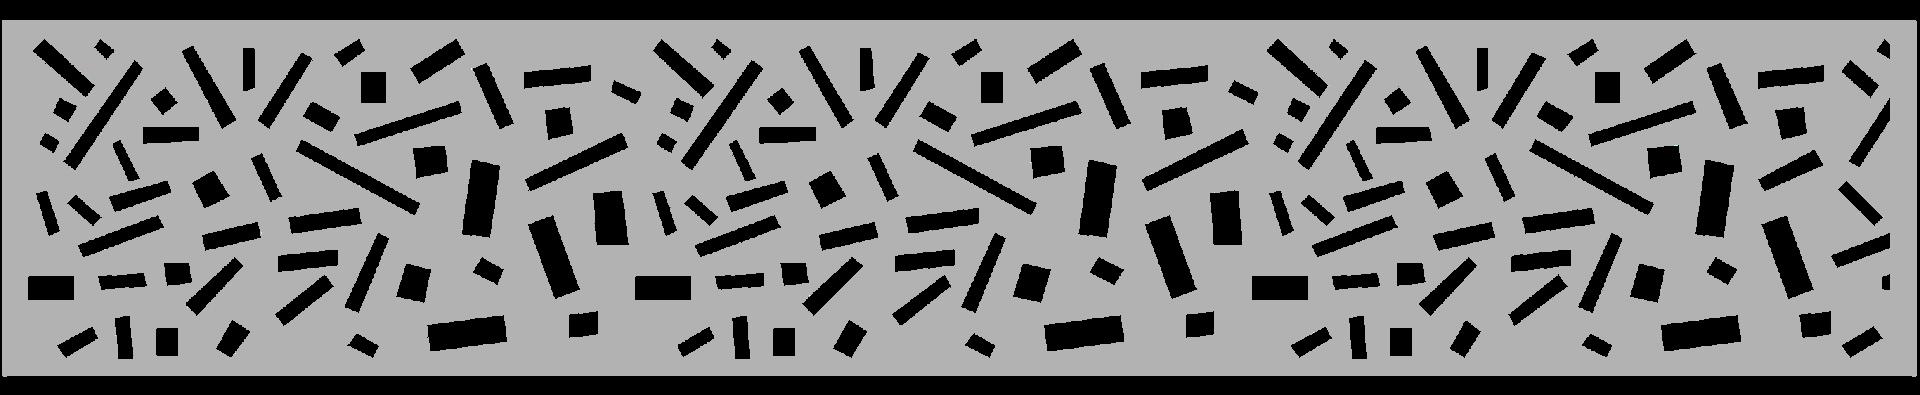 Exceptionnel Portail laser, Portail découpe laser battant, portail motif laser  YY84